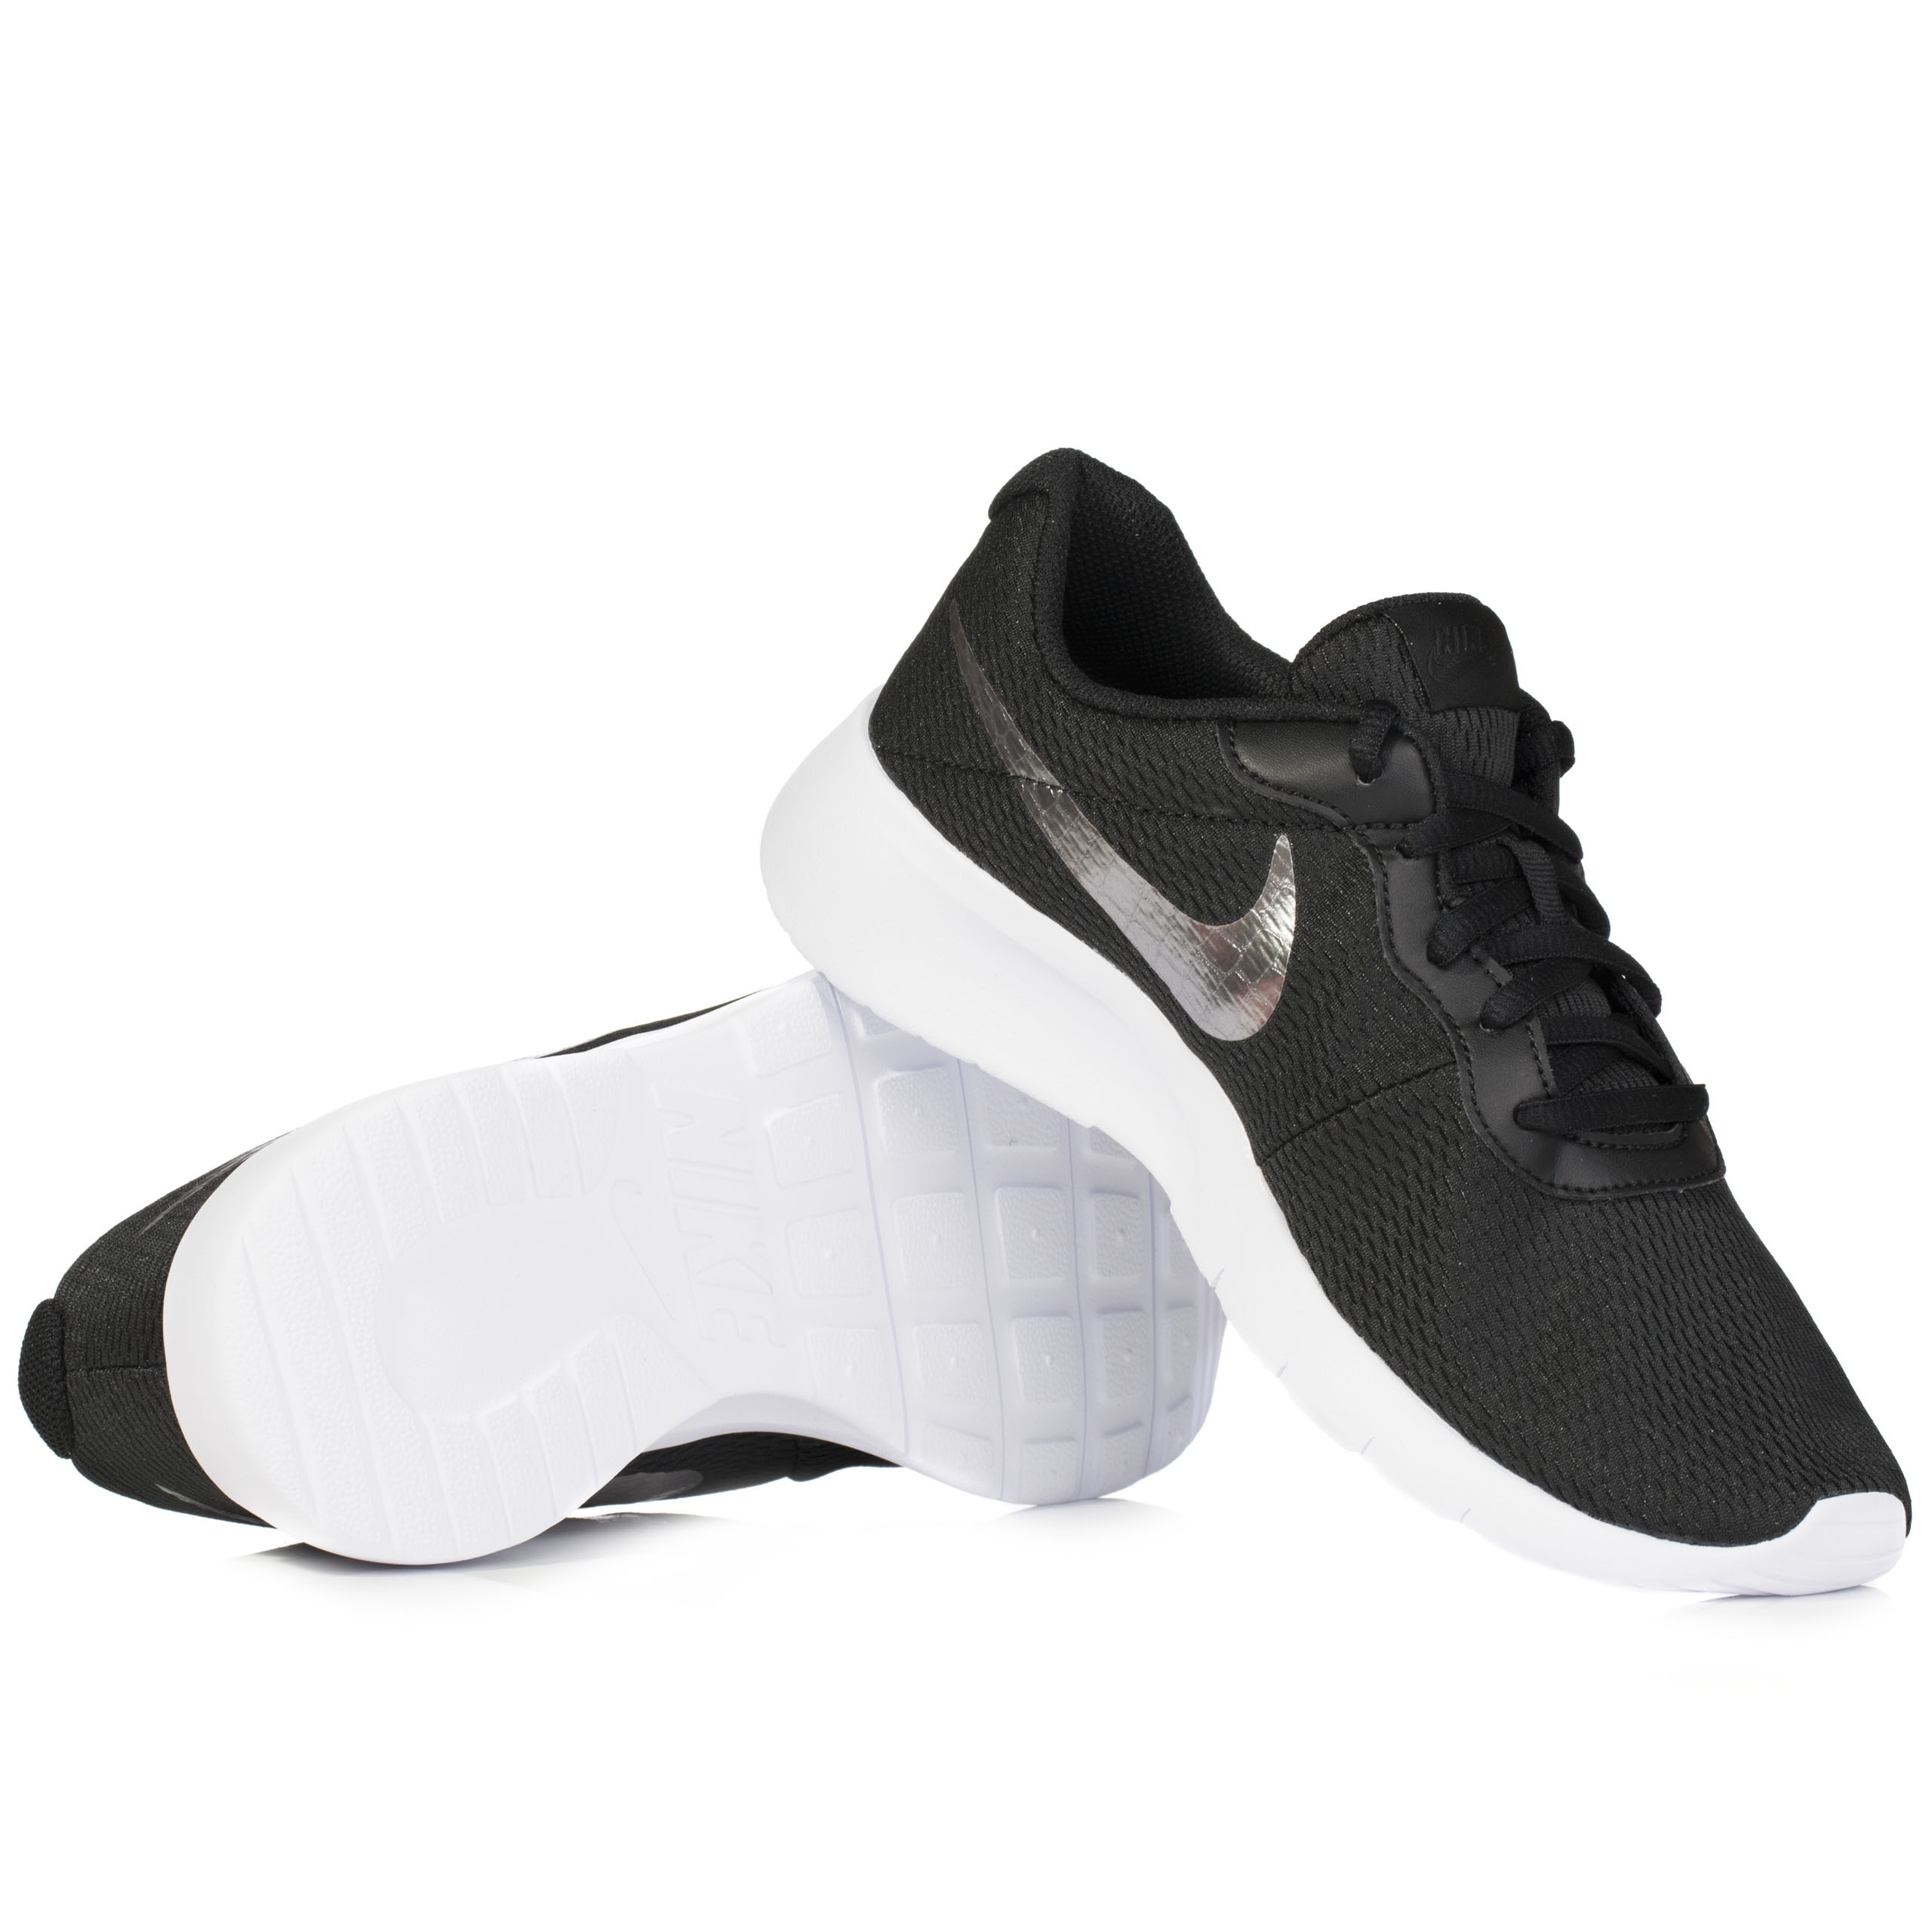 1fabf839c Buty dziecięce Nike Tanjun 818381-014 r 39 - 7303550269 - oficjalne ...